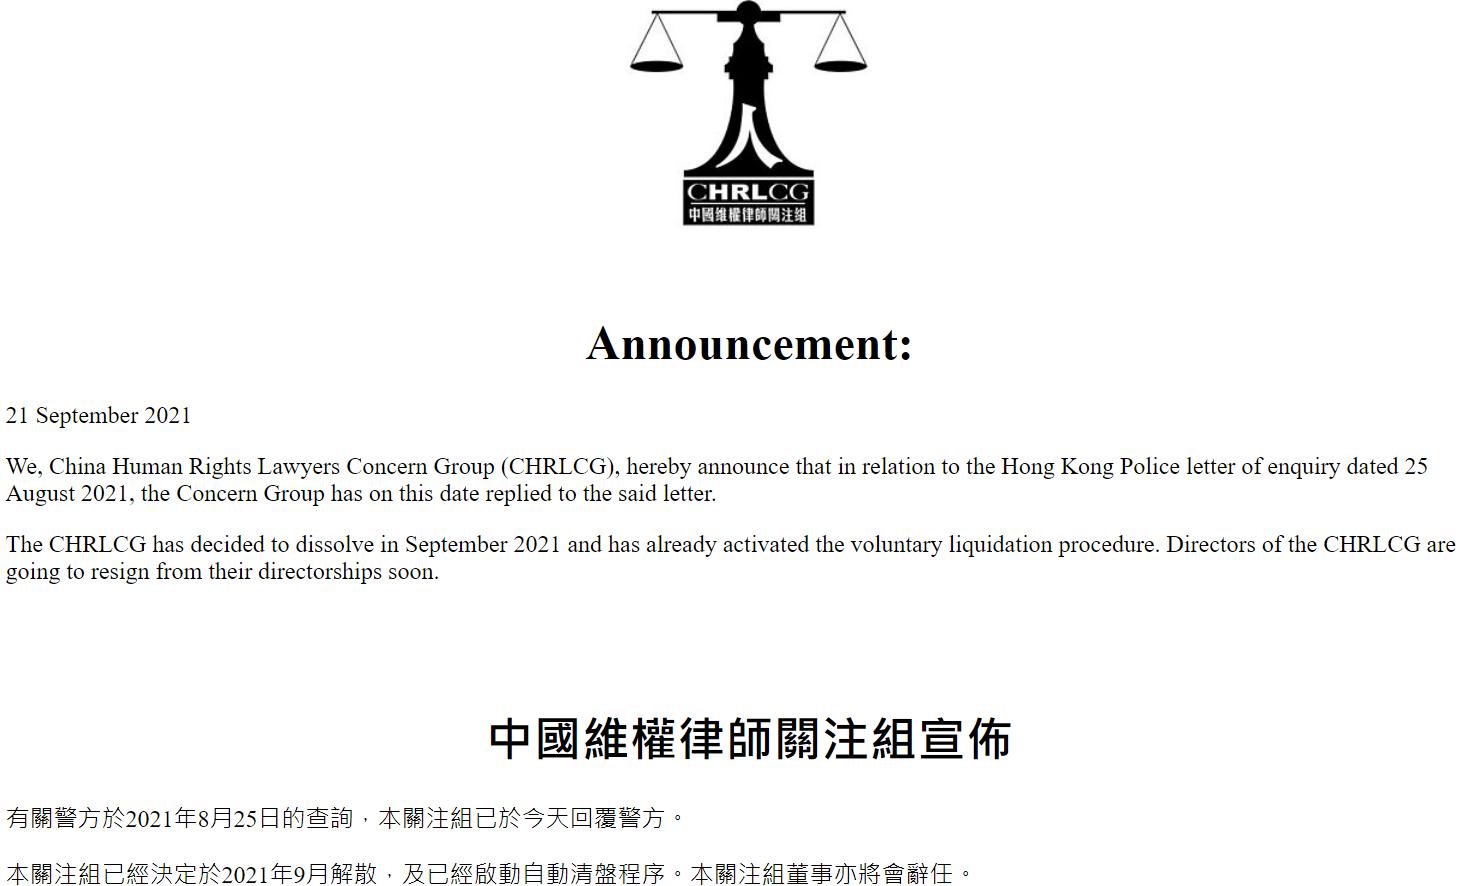 成立14年的中國壯權律師關注組在官網上宣布解散(網頁截圖)